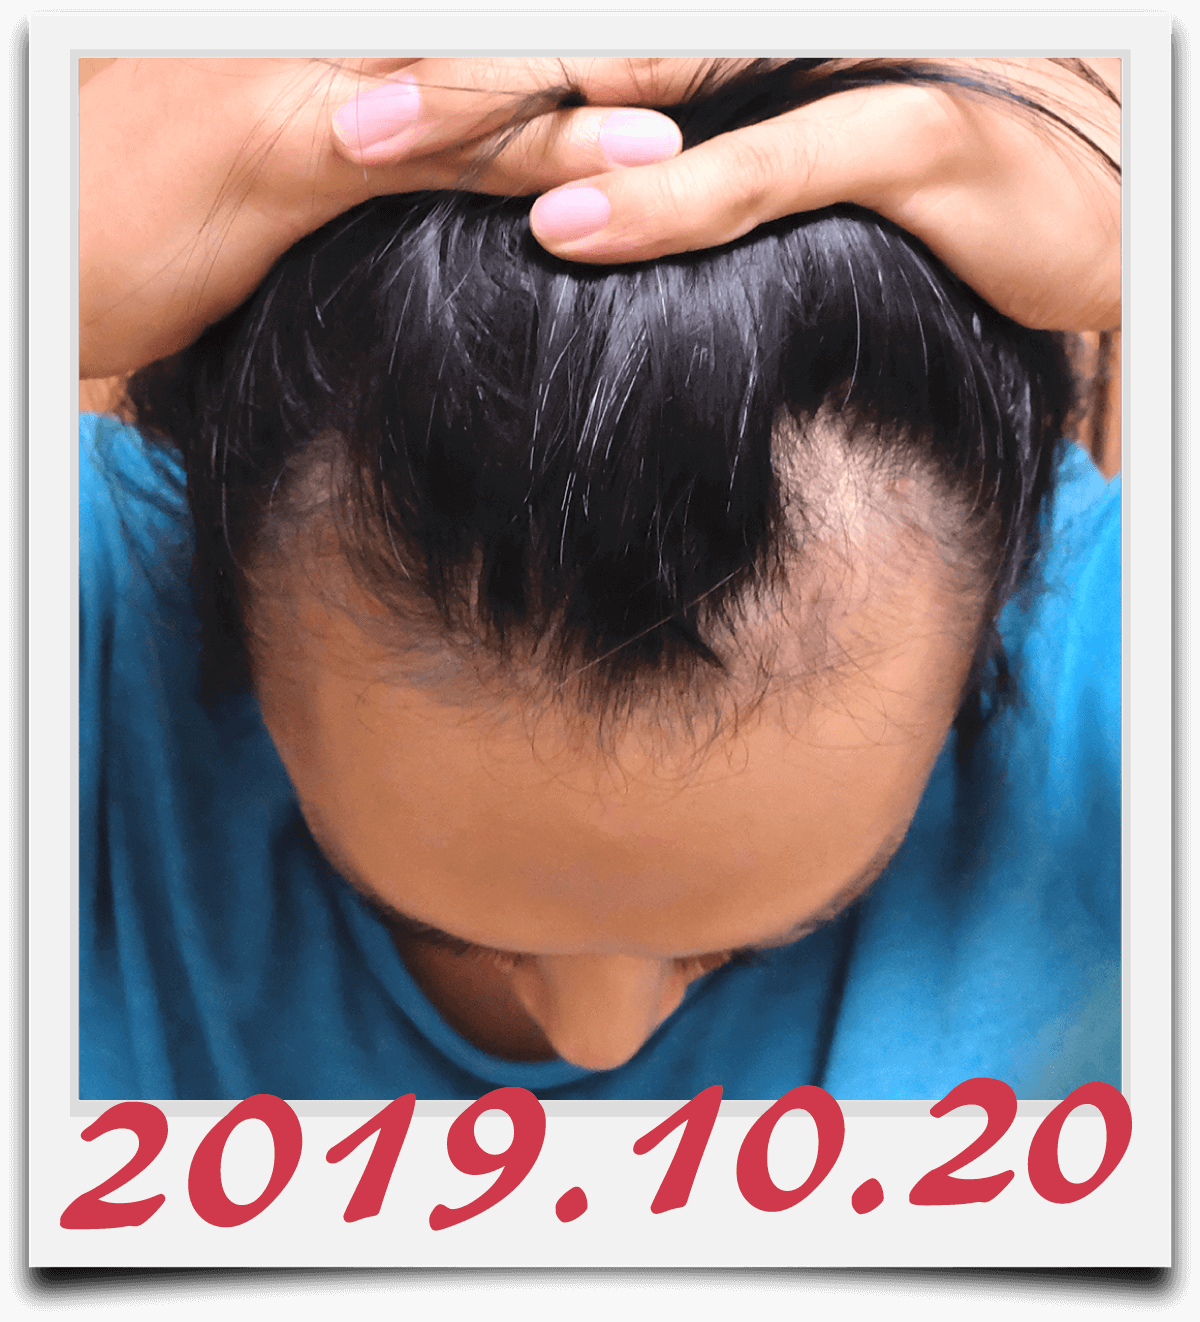 2019年10月20日に撮影した生え際